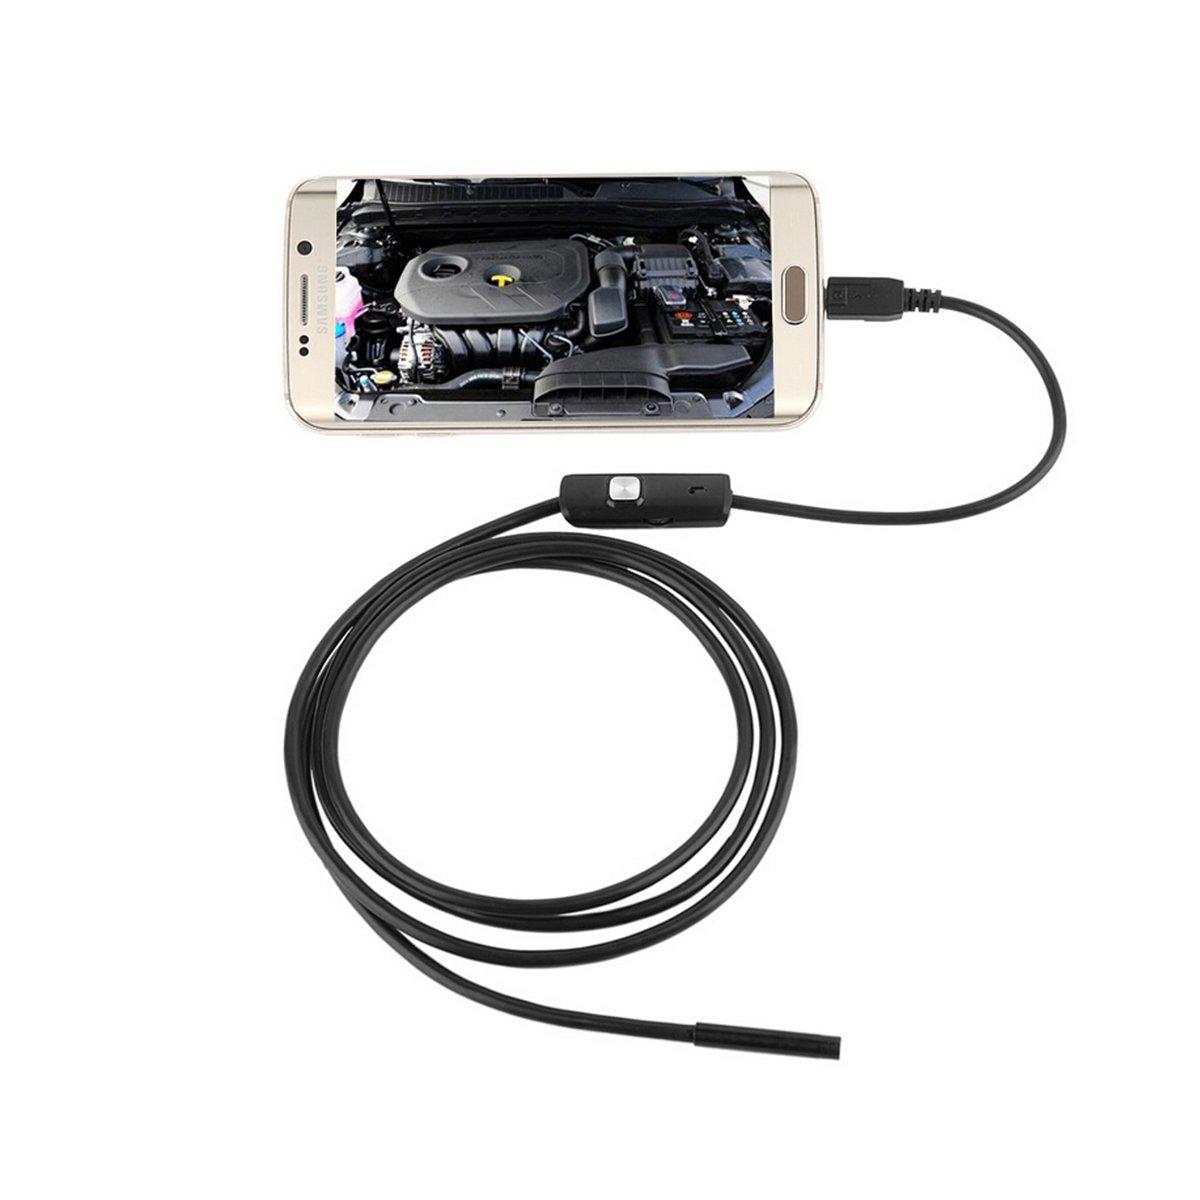 ueetek IP67 7 millimetri impermeabile macchina fotografica di controllo Android endoscopio fotocamera con 6 LED per Cellulare 3, 5 m (Nero) 5m (Nero)